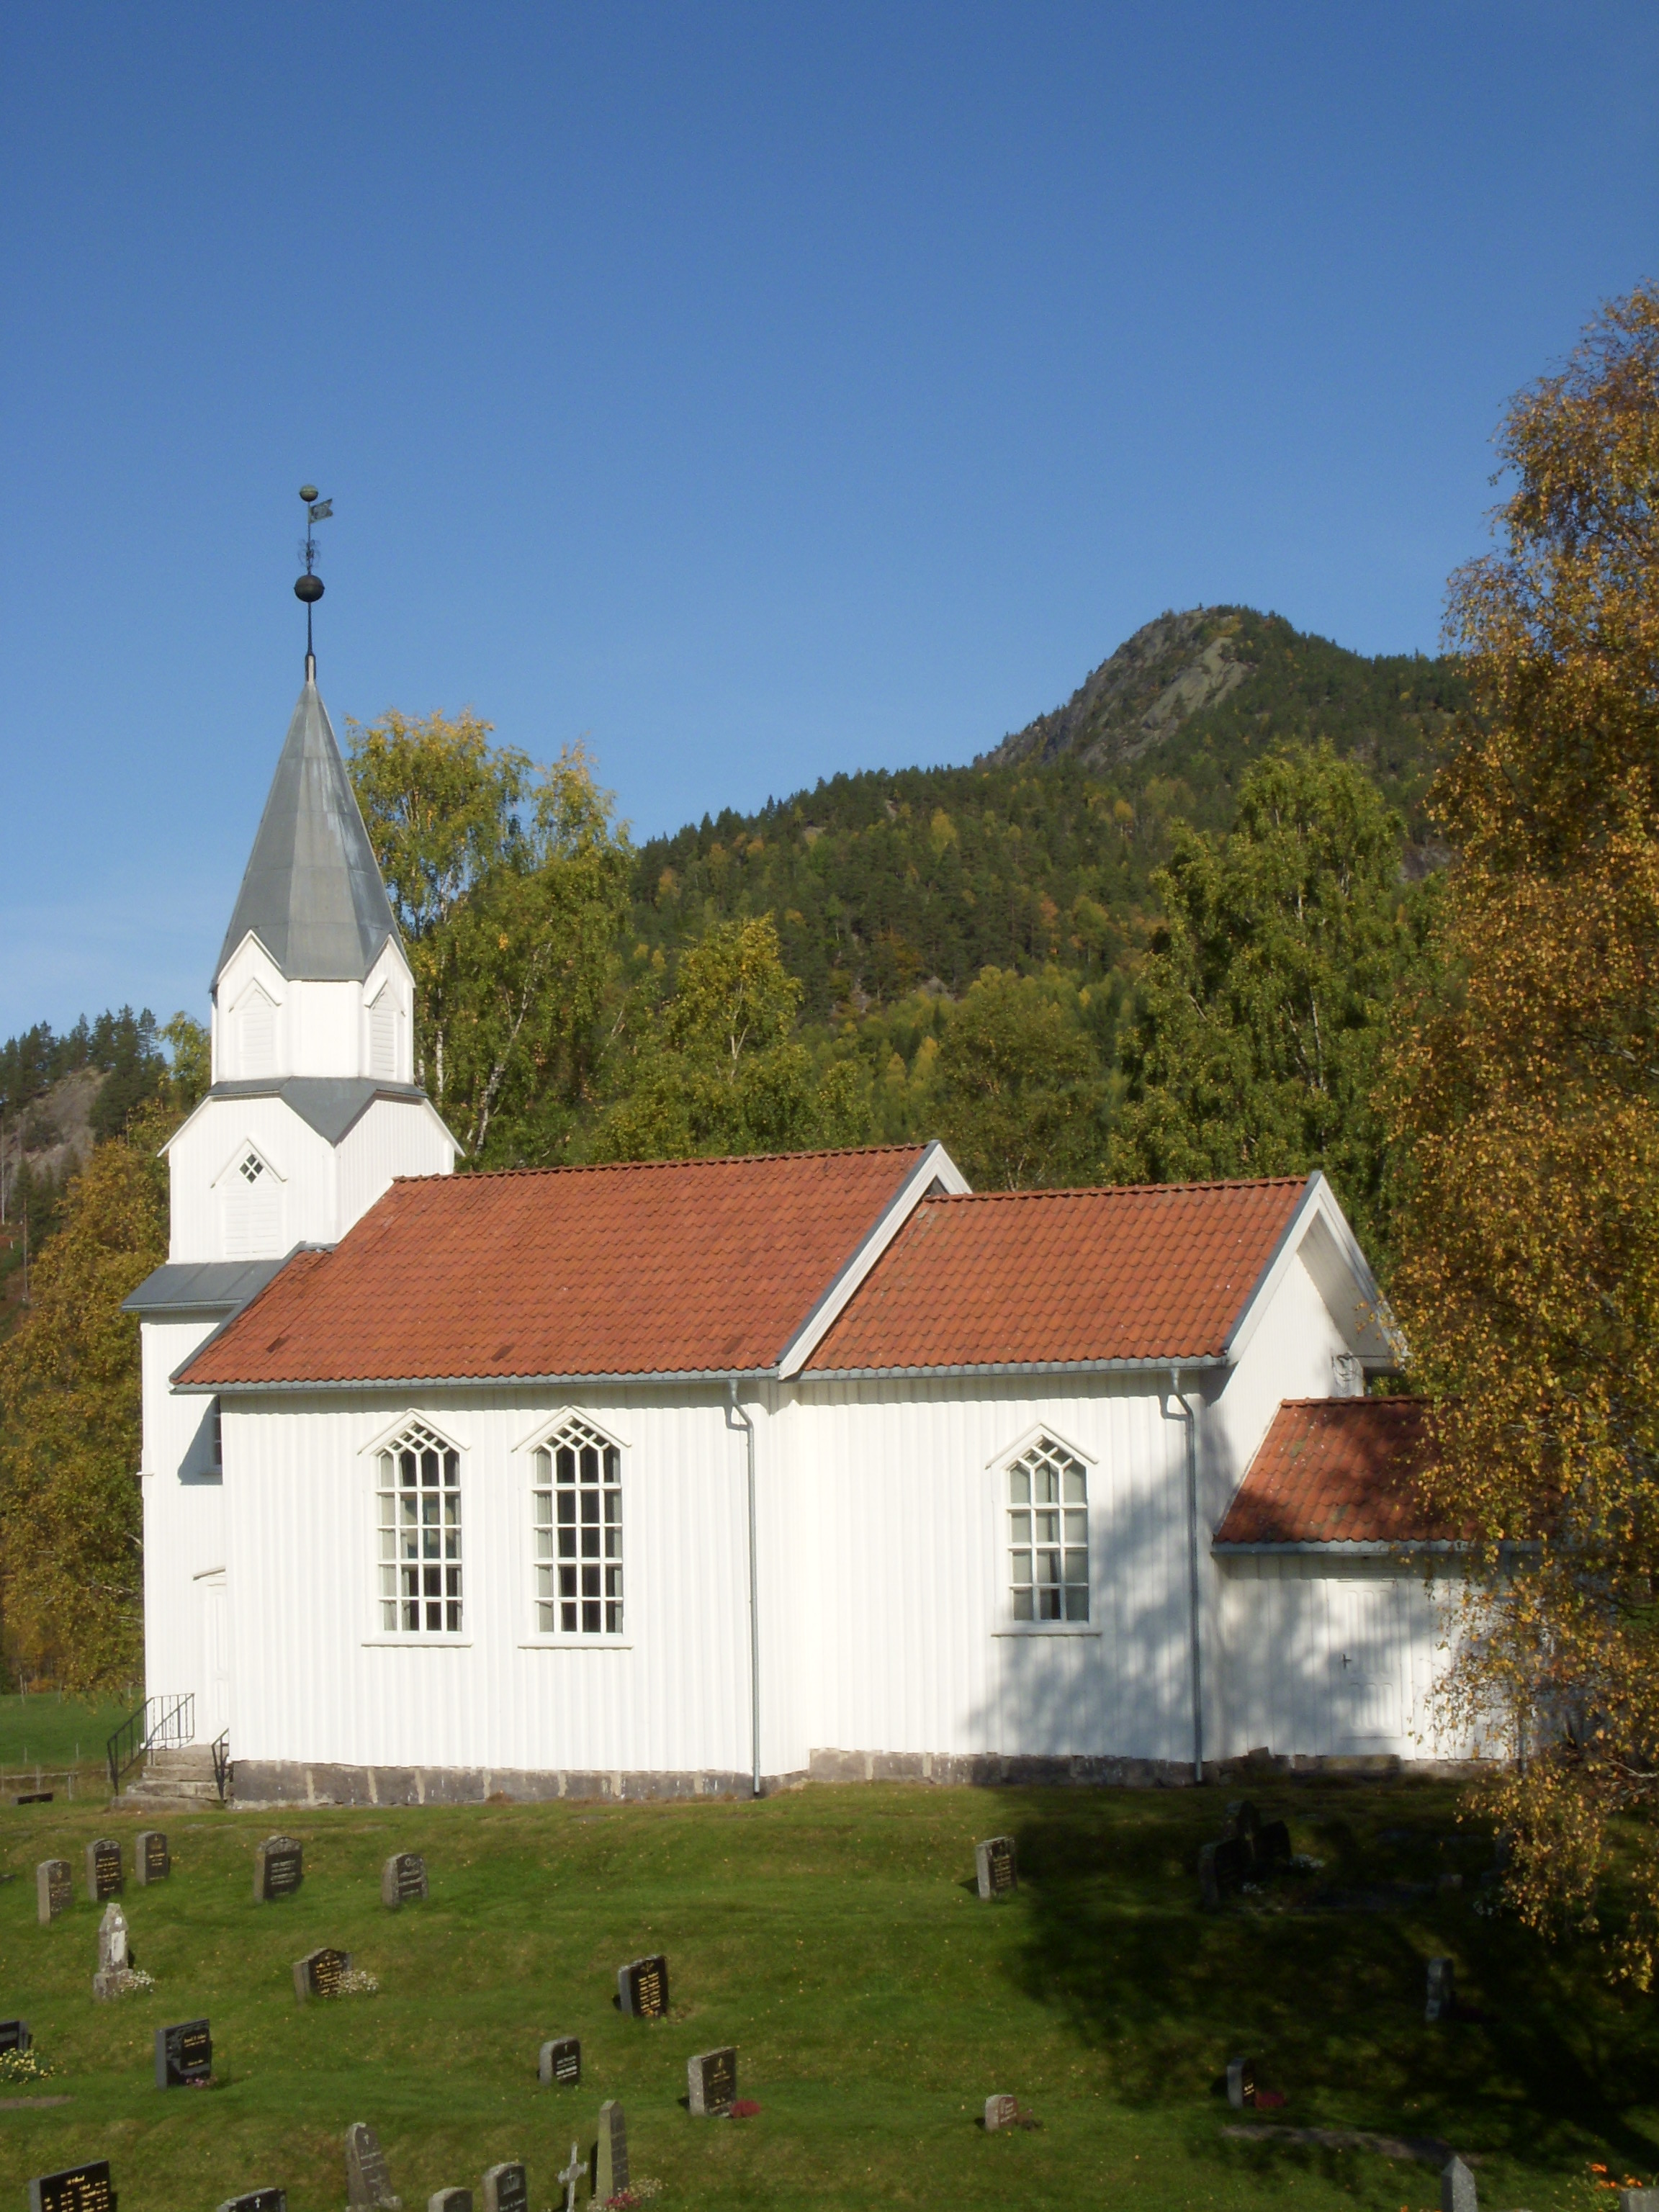 http://www.amli.kirken.no/img/08_10_02_Gjoevdal_kyrkje/Gjoevdal_kirke_007.jpg